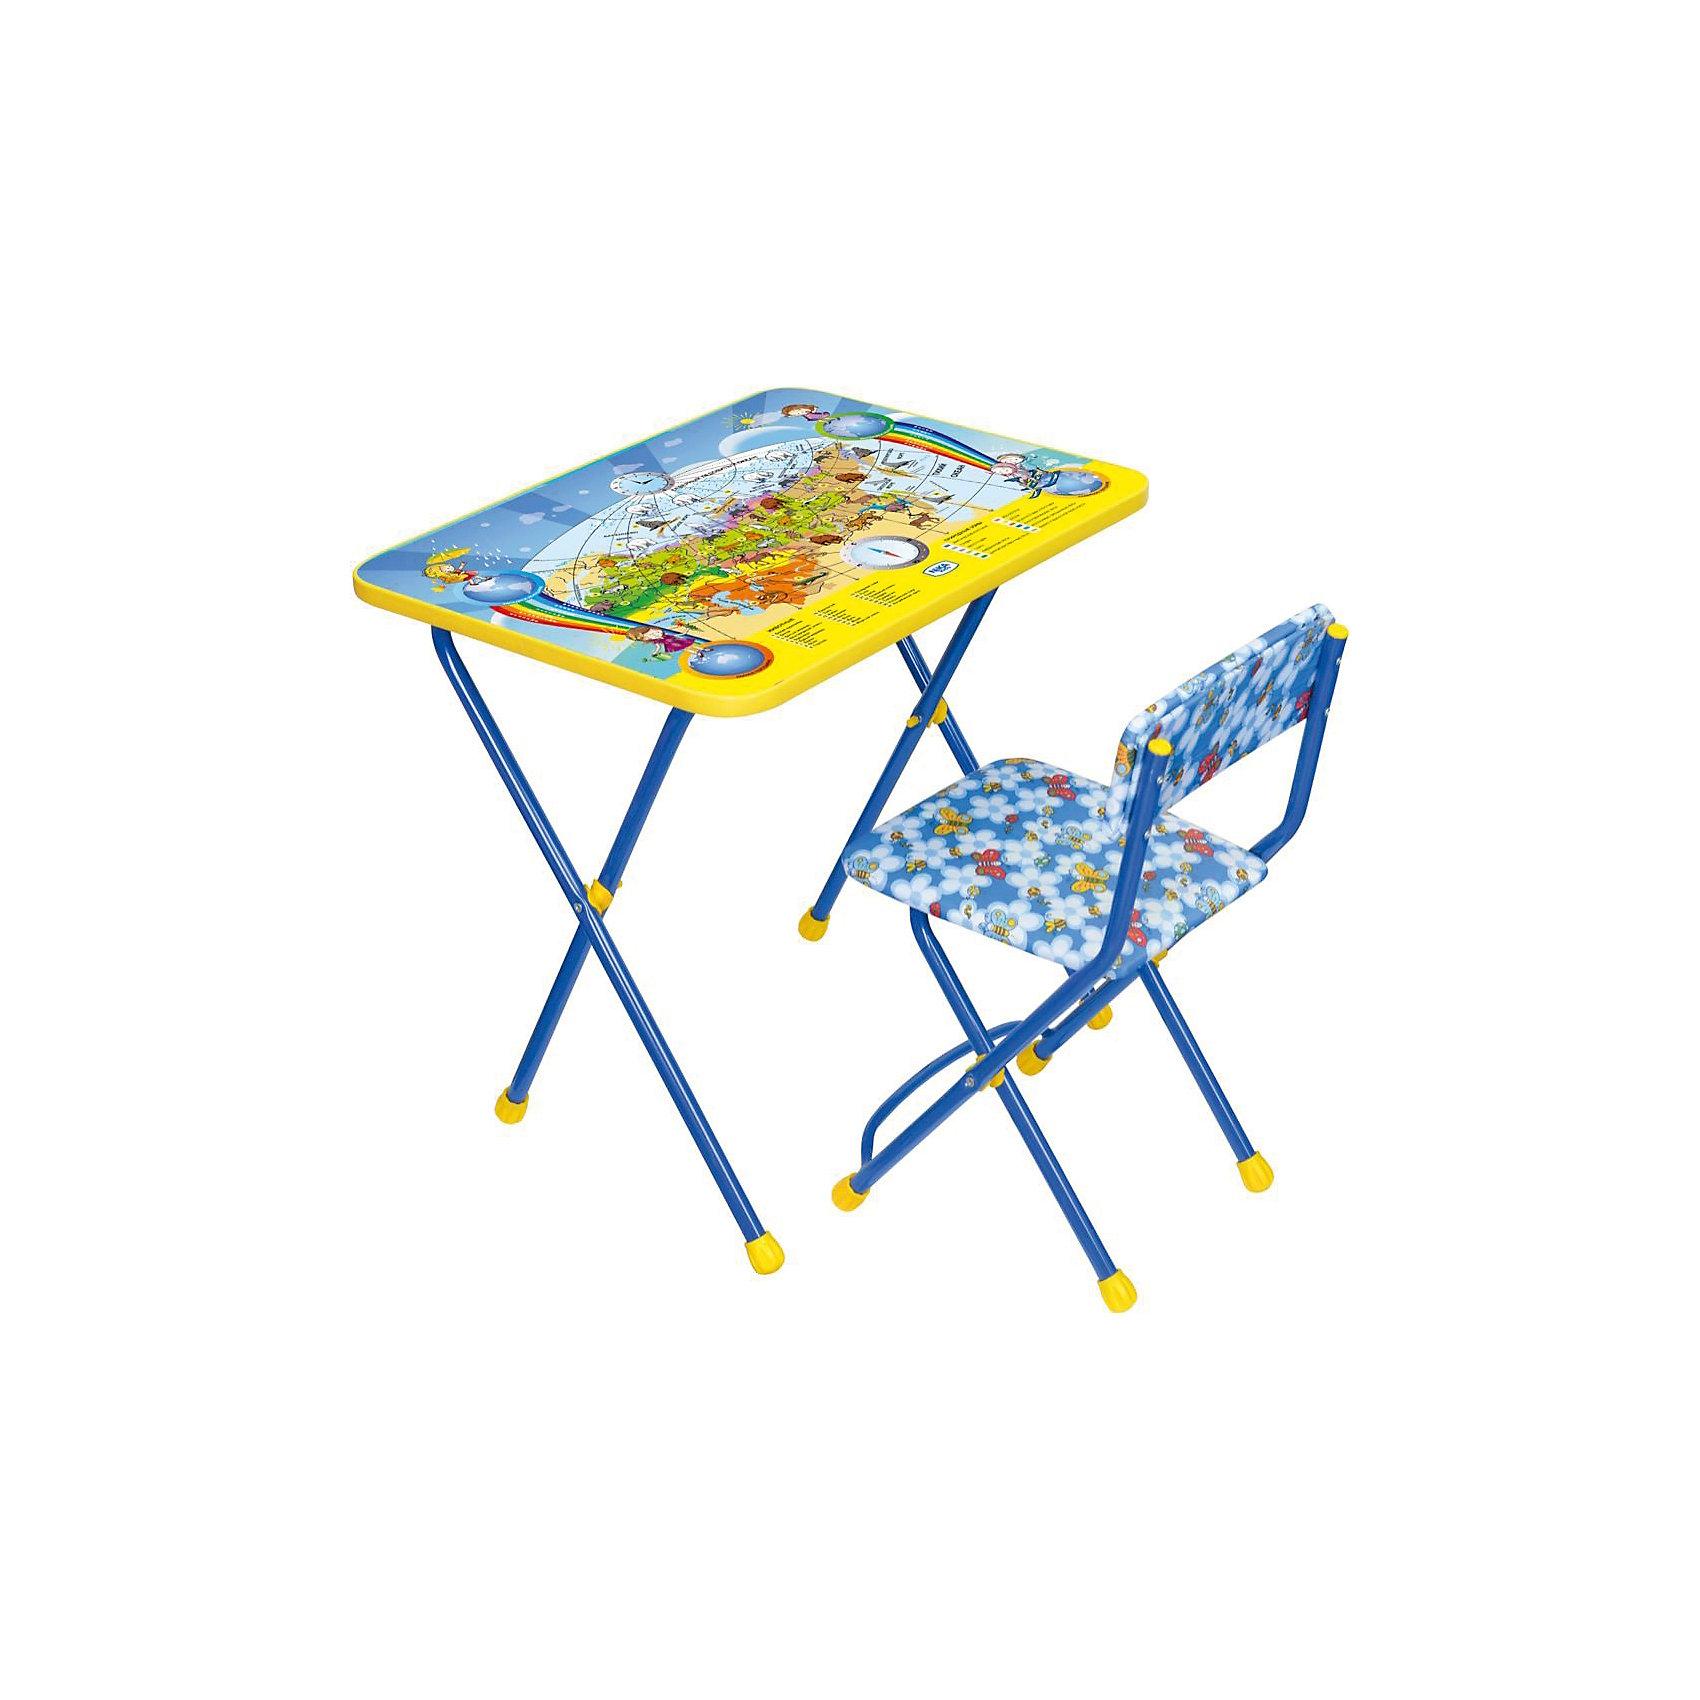 Ника Набор мебели Познайка КП2/10 Познаю мир, Ника регулируемое расширение стола до 600 мм twx7ss triton tr267729